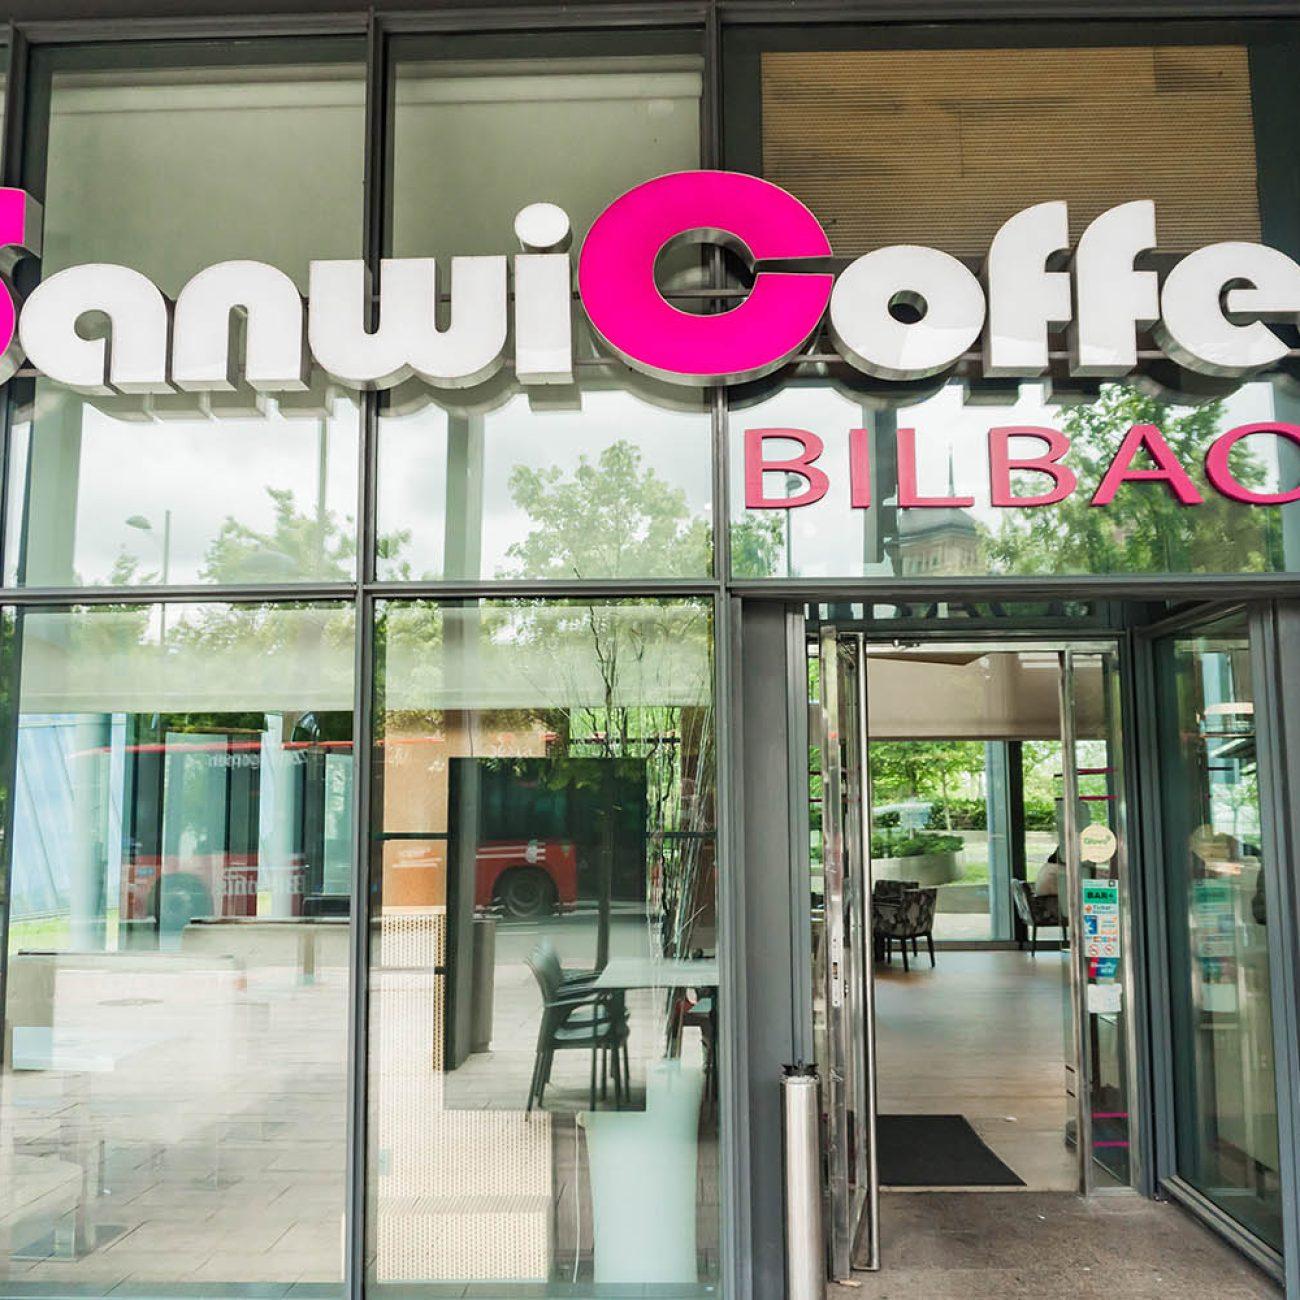 SANWICOFFEE BILBAO